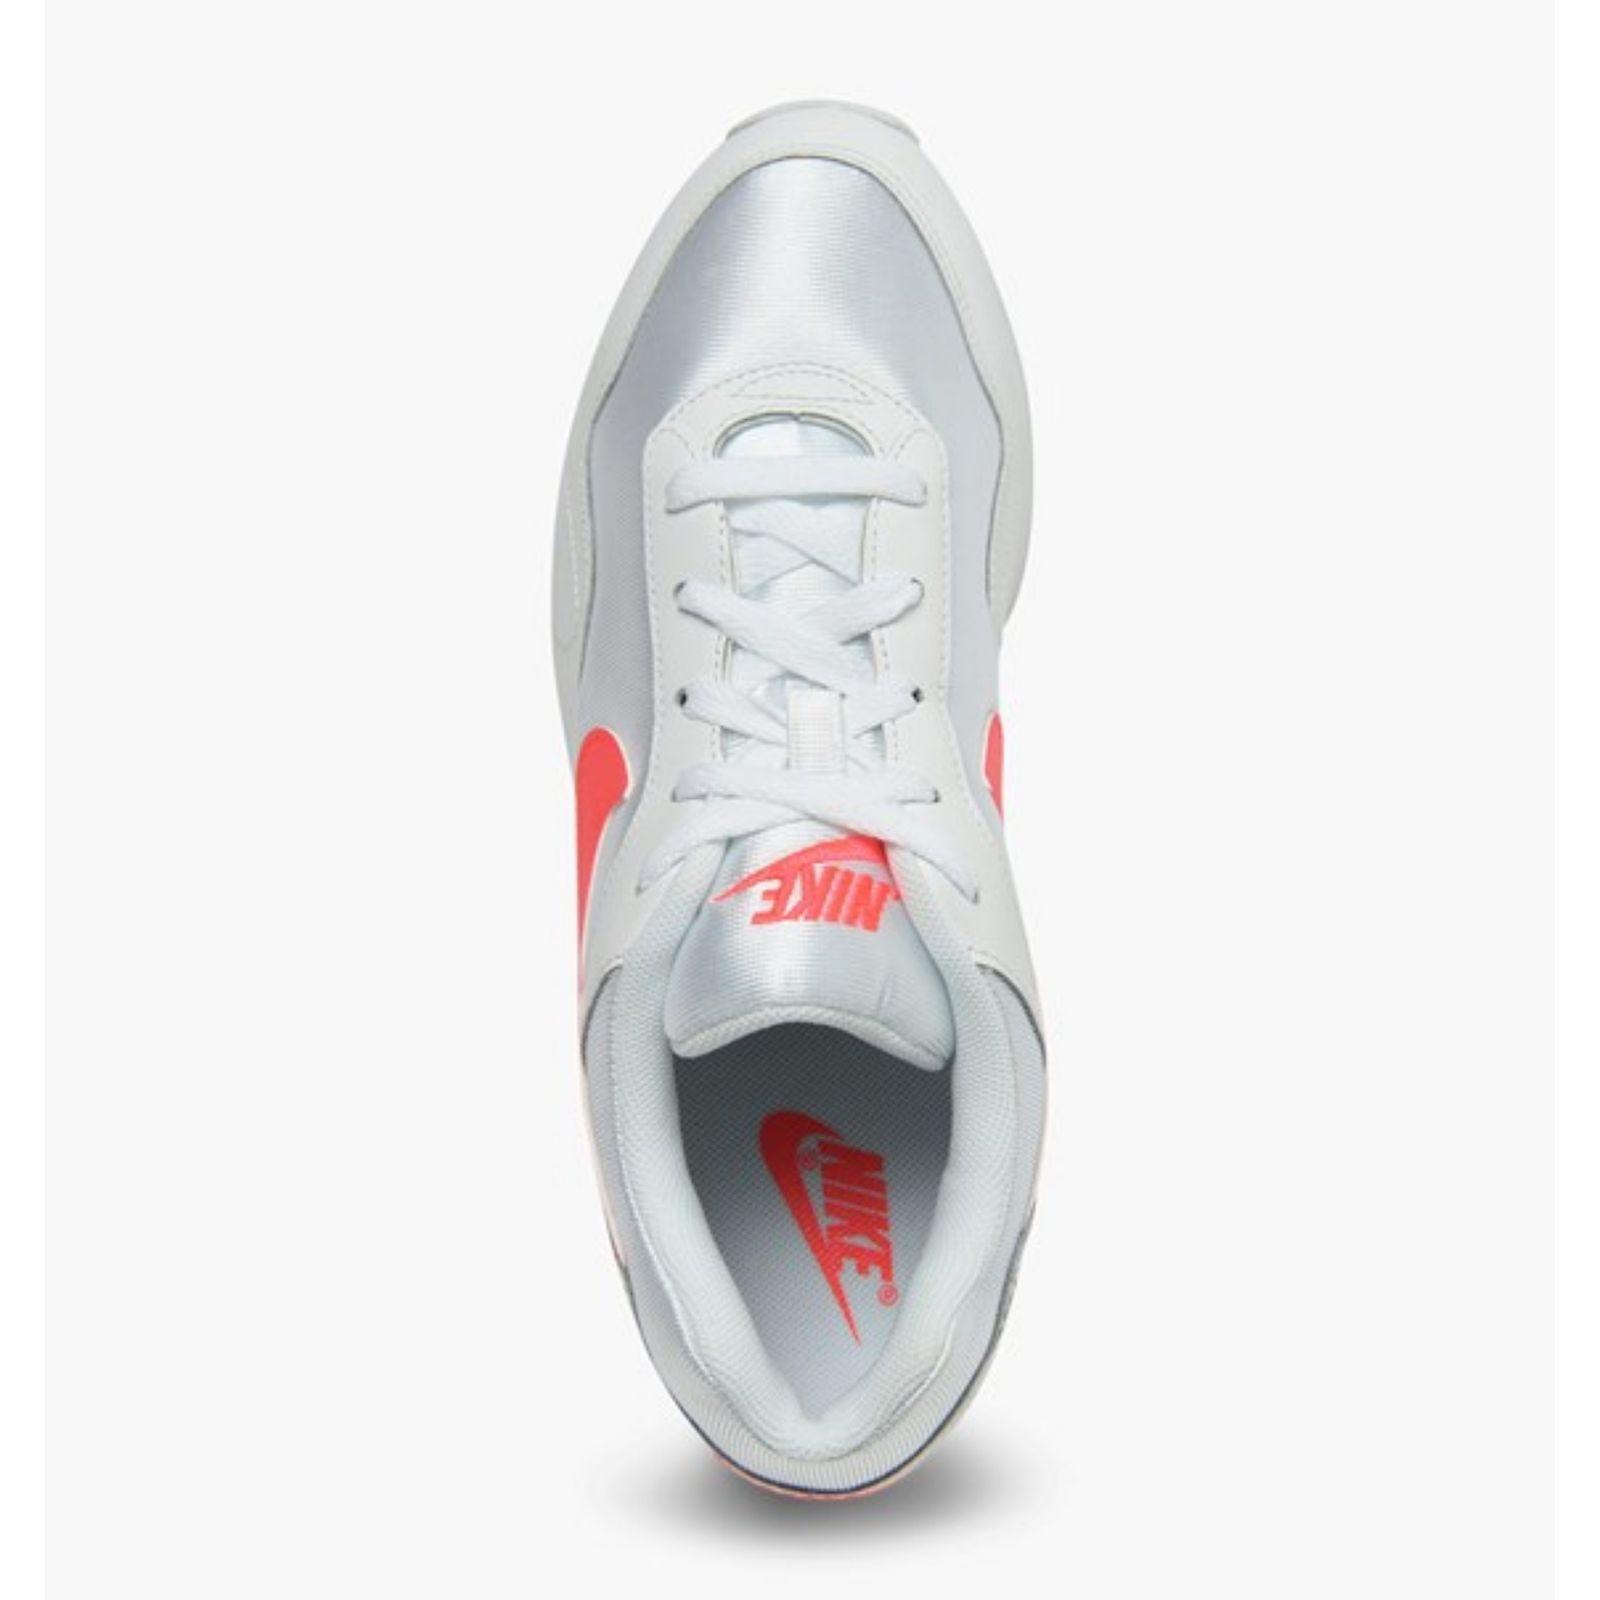 کفش راحتی مردانه نایکی مدل OUTBURST کد ۱۰۱ -  - 4